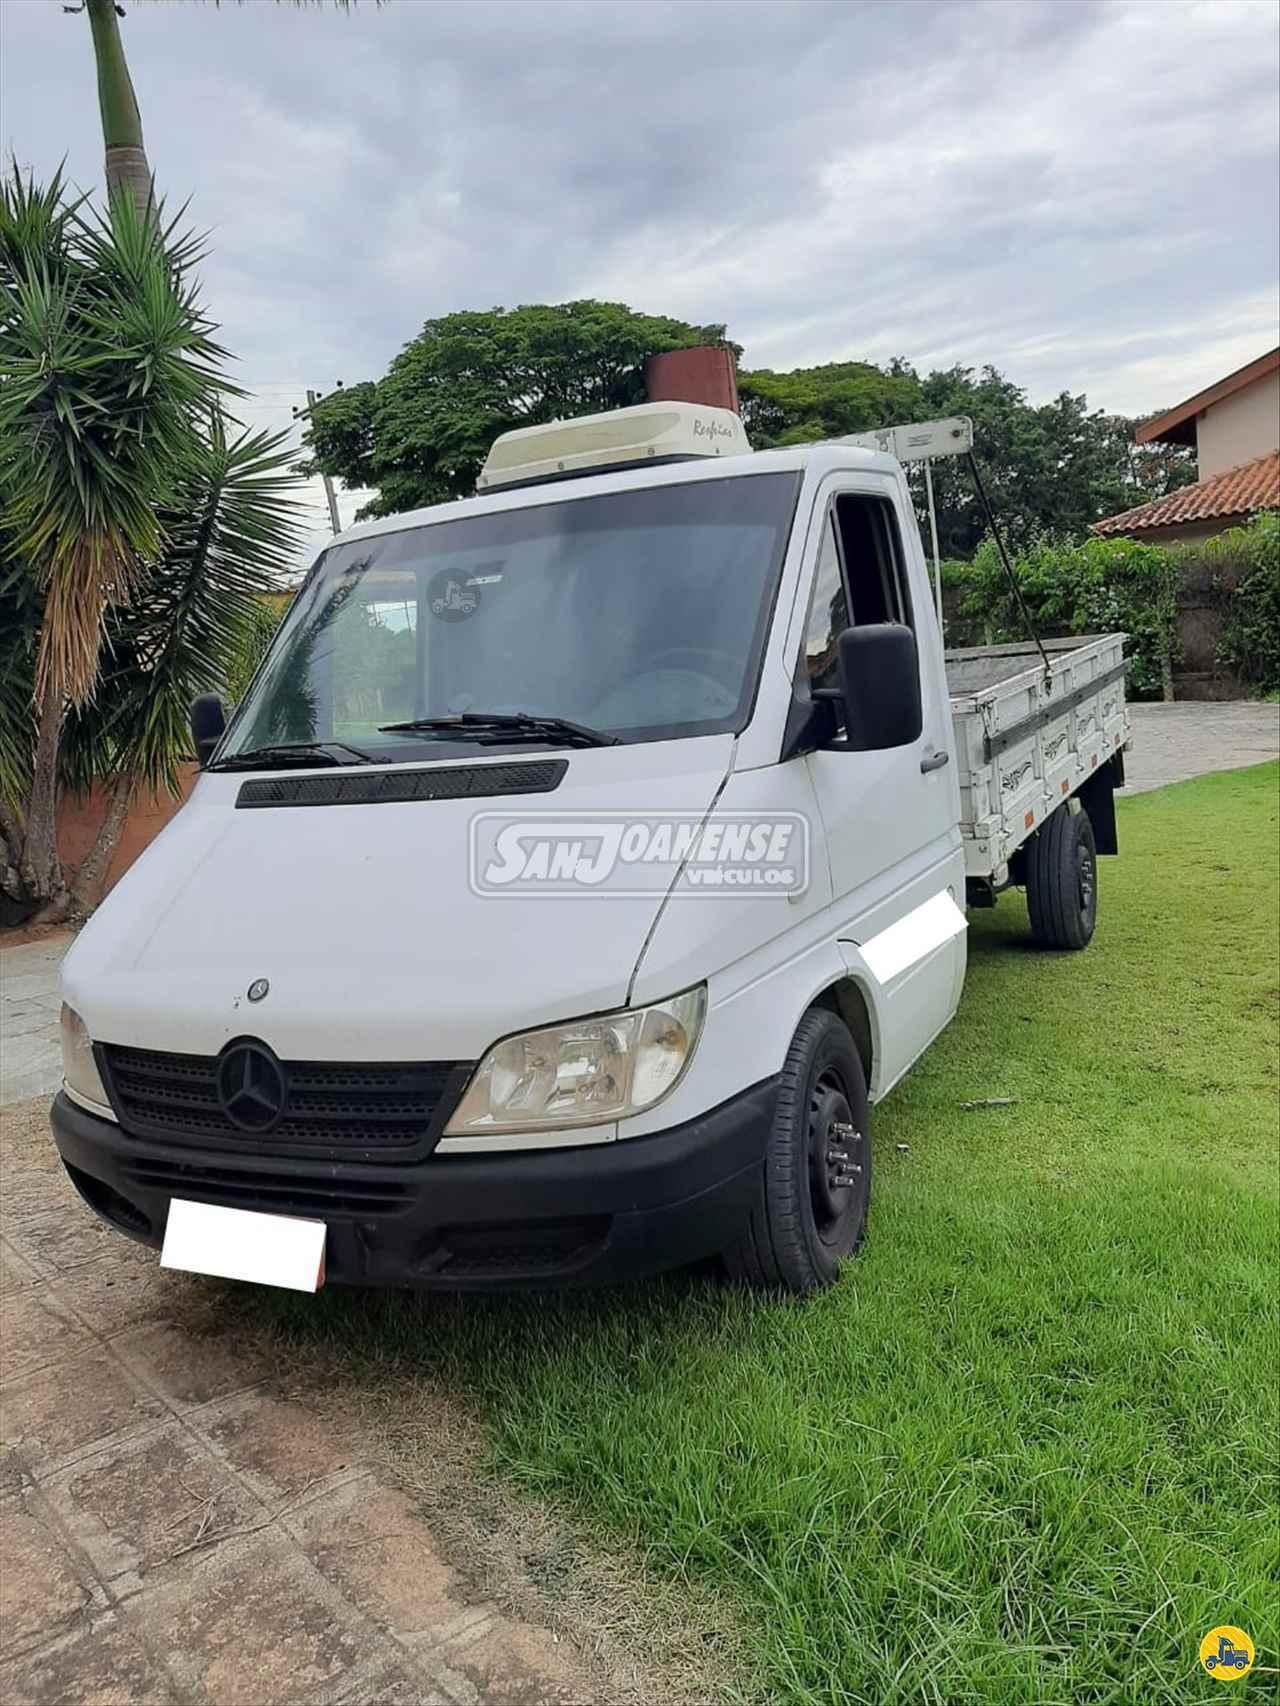 UTILITARIOS MERCEDES-BENZ Sprinter Chassi 313 Sanjoanense Veículos SAO JOAO DA BOA VISTA SÃO PAULO SP